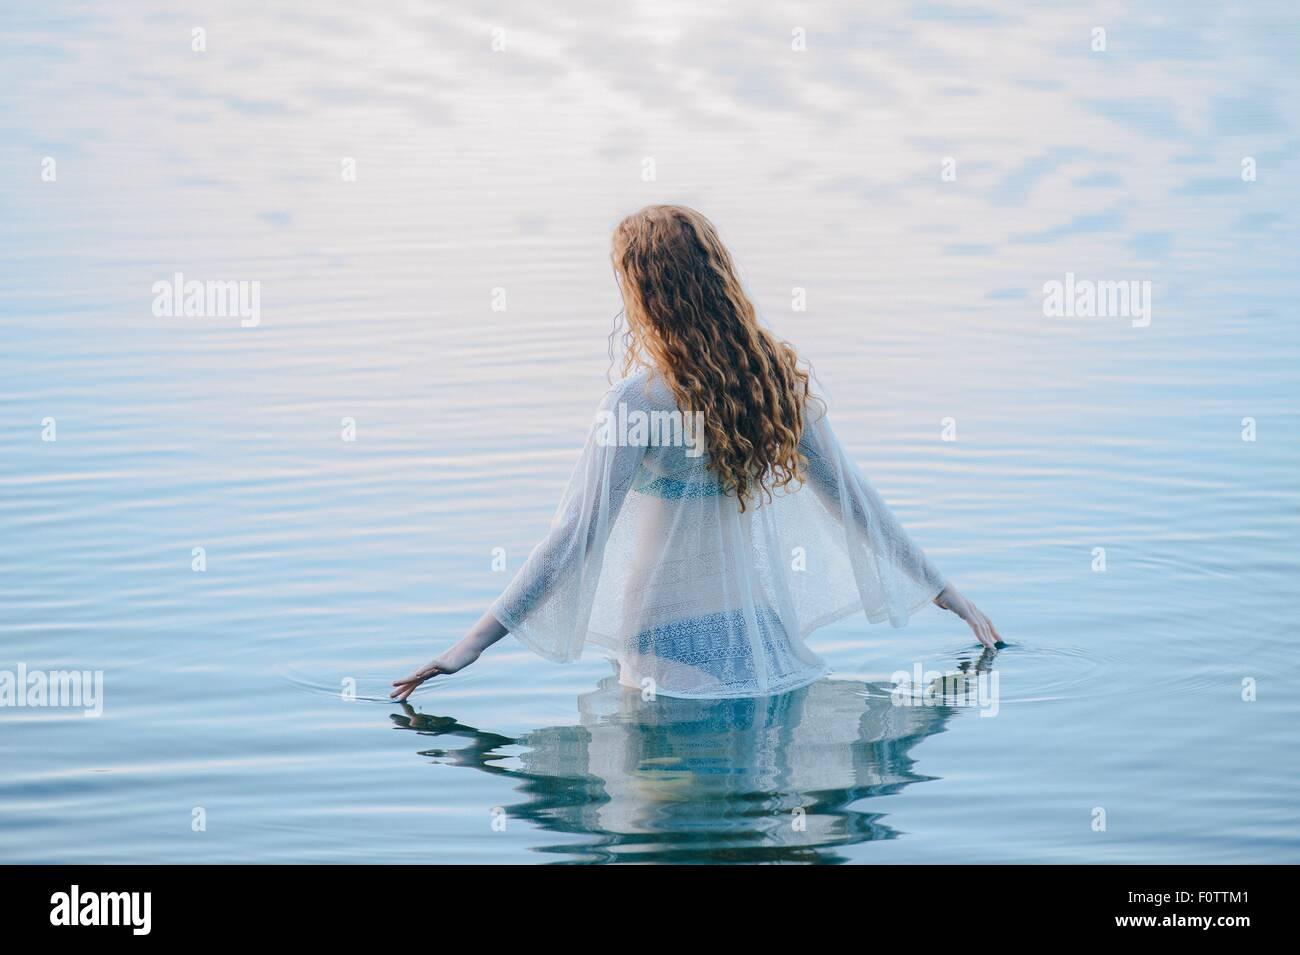 Rückansicht des jungen Frau im See Plätschern Oberfläche mit den Fingern Stockbild